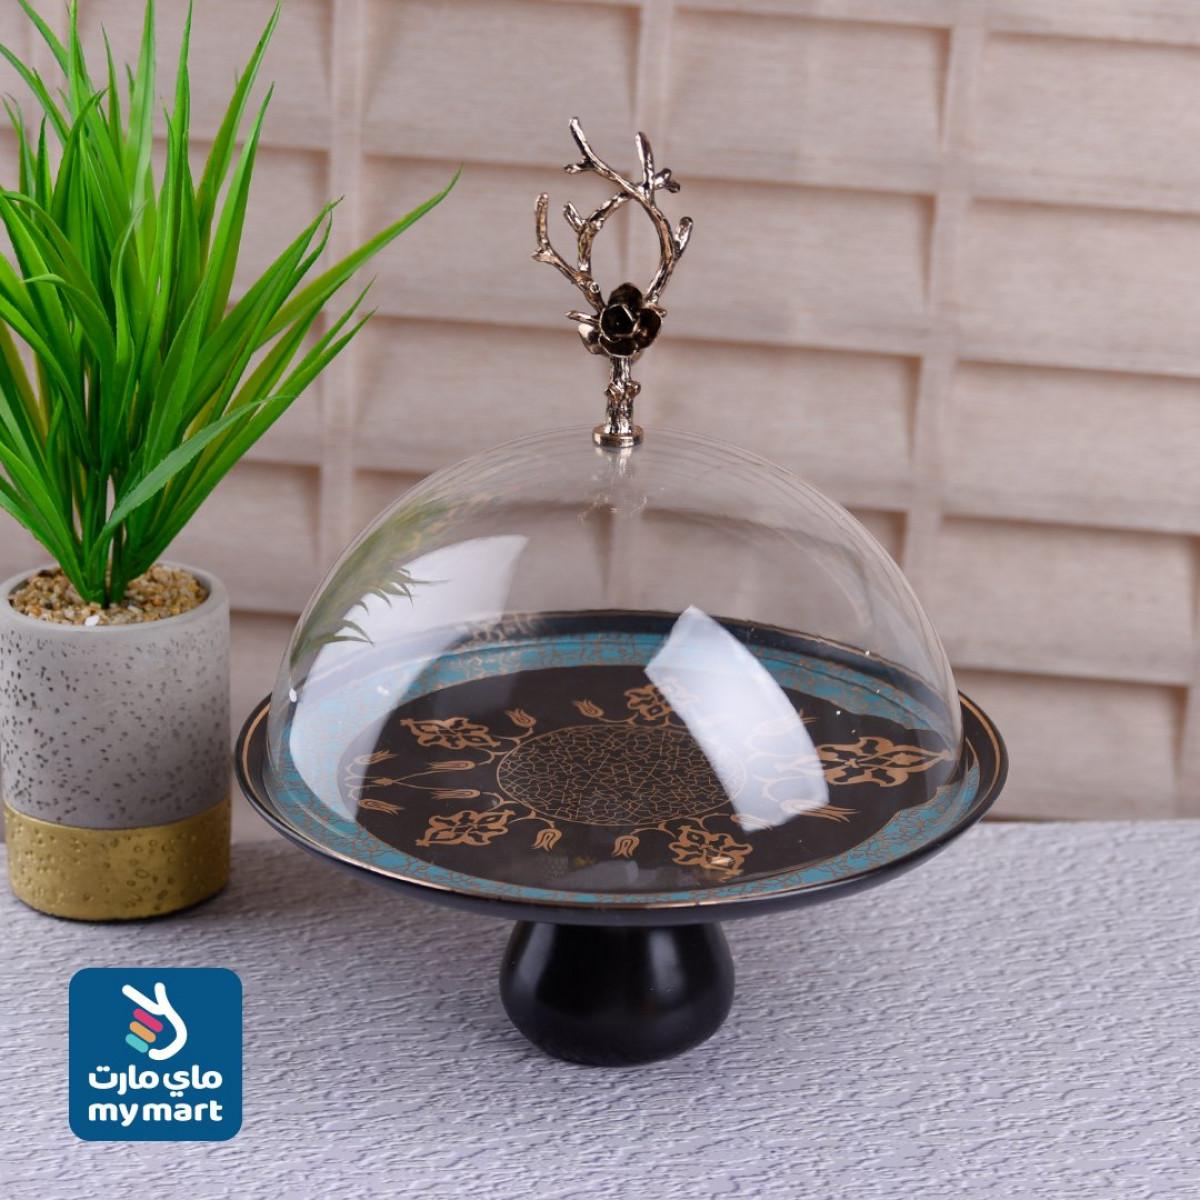 صحن كيك وحلويات بورسلان مع غطاء شفاف , رقم YM-21569